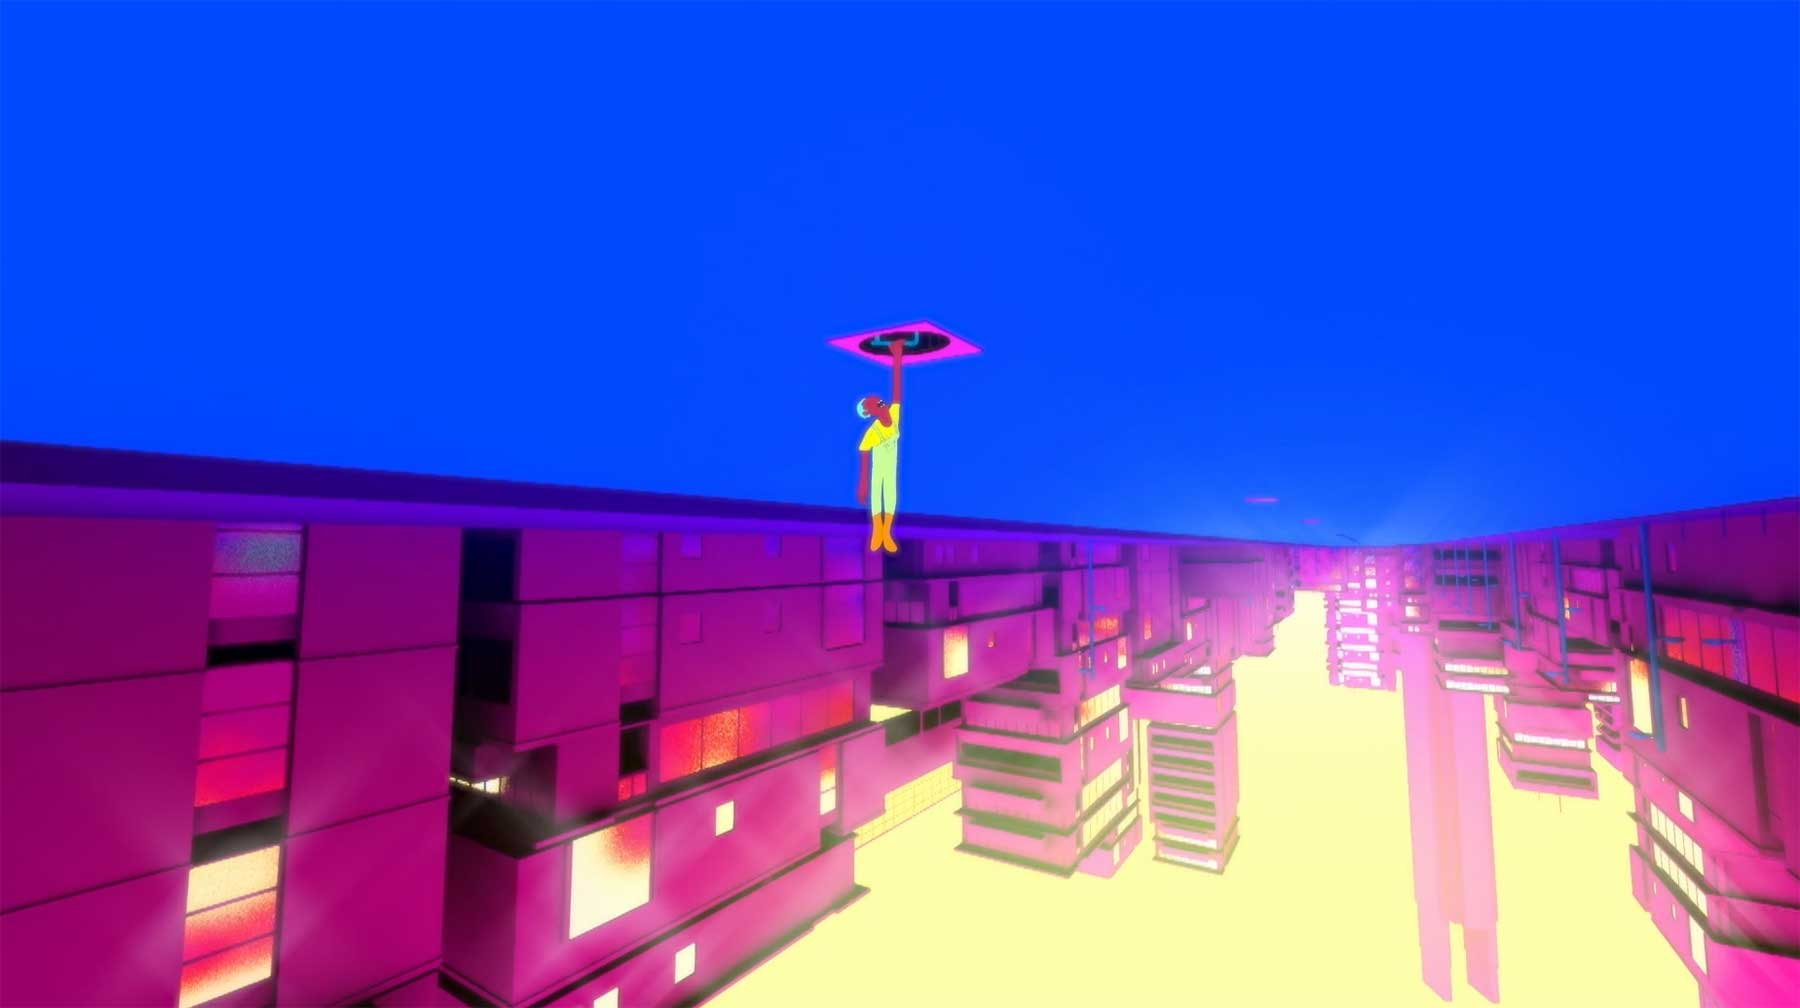 Wenn sich die Schwerkraft plötzlich umkehren würde upside-downtown-animerter-kurzfilm